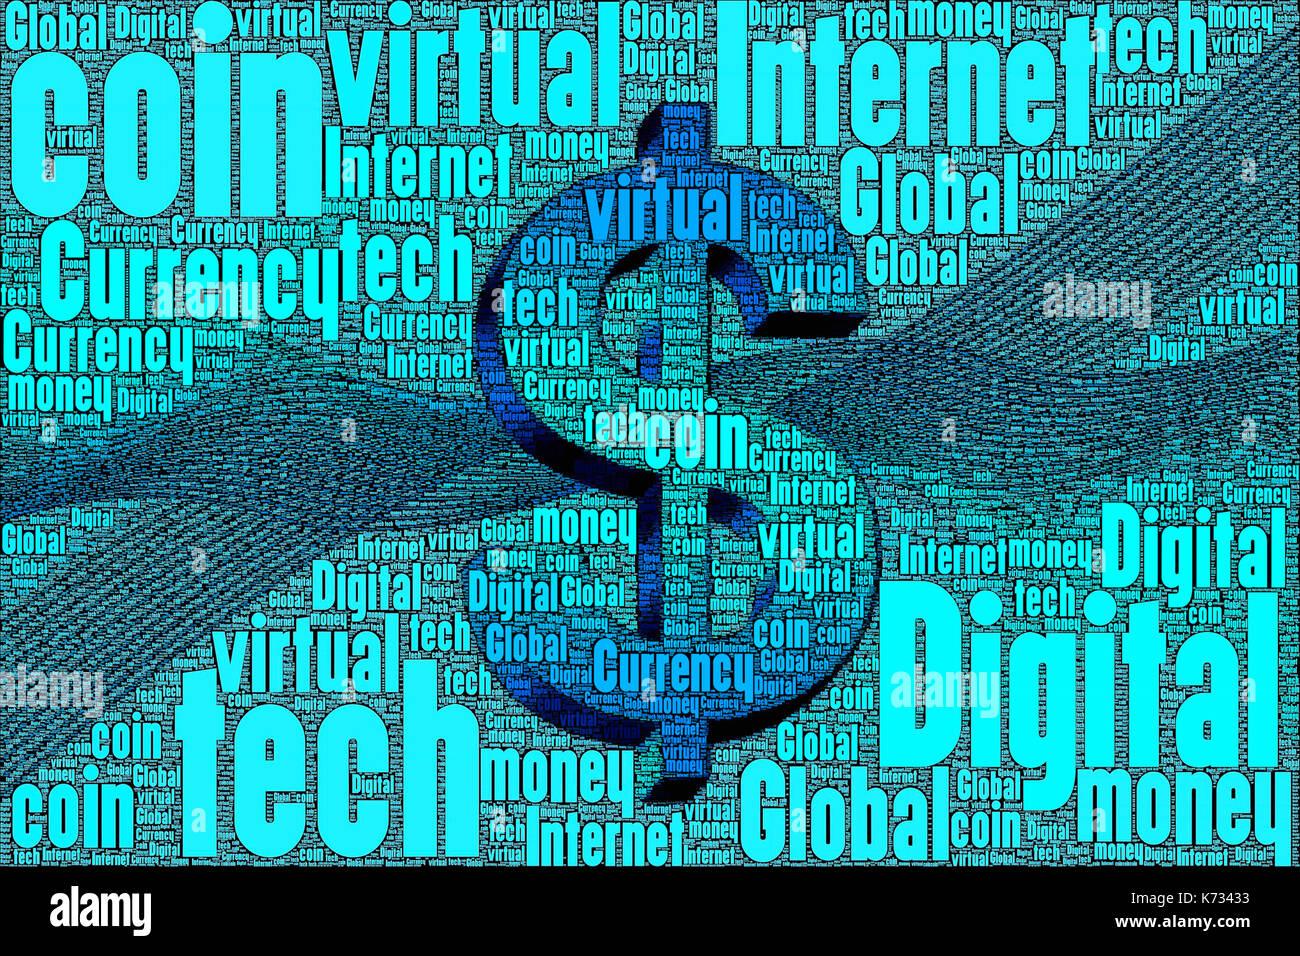 Poco dinero virtual digital concepto de moneda hecha sólo de palabras sobre el tema. Imagen De Stock